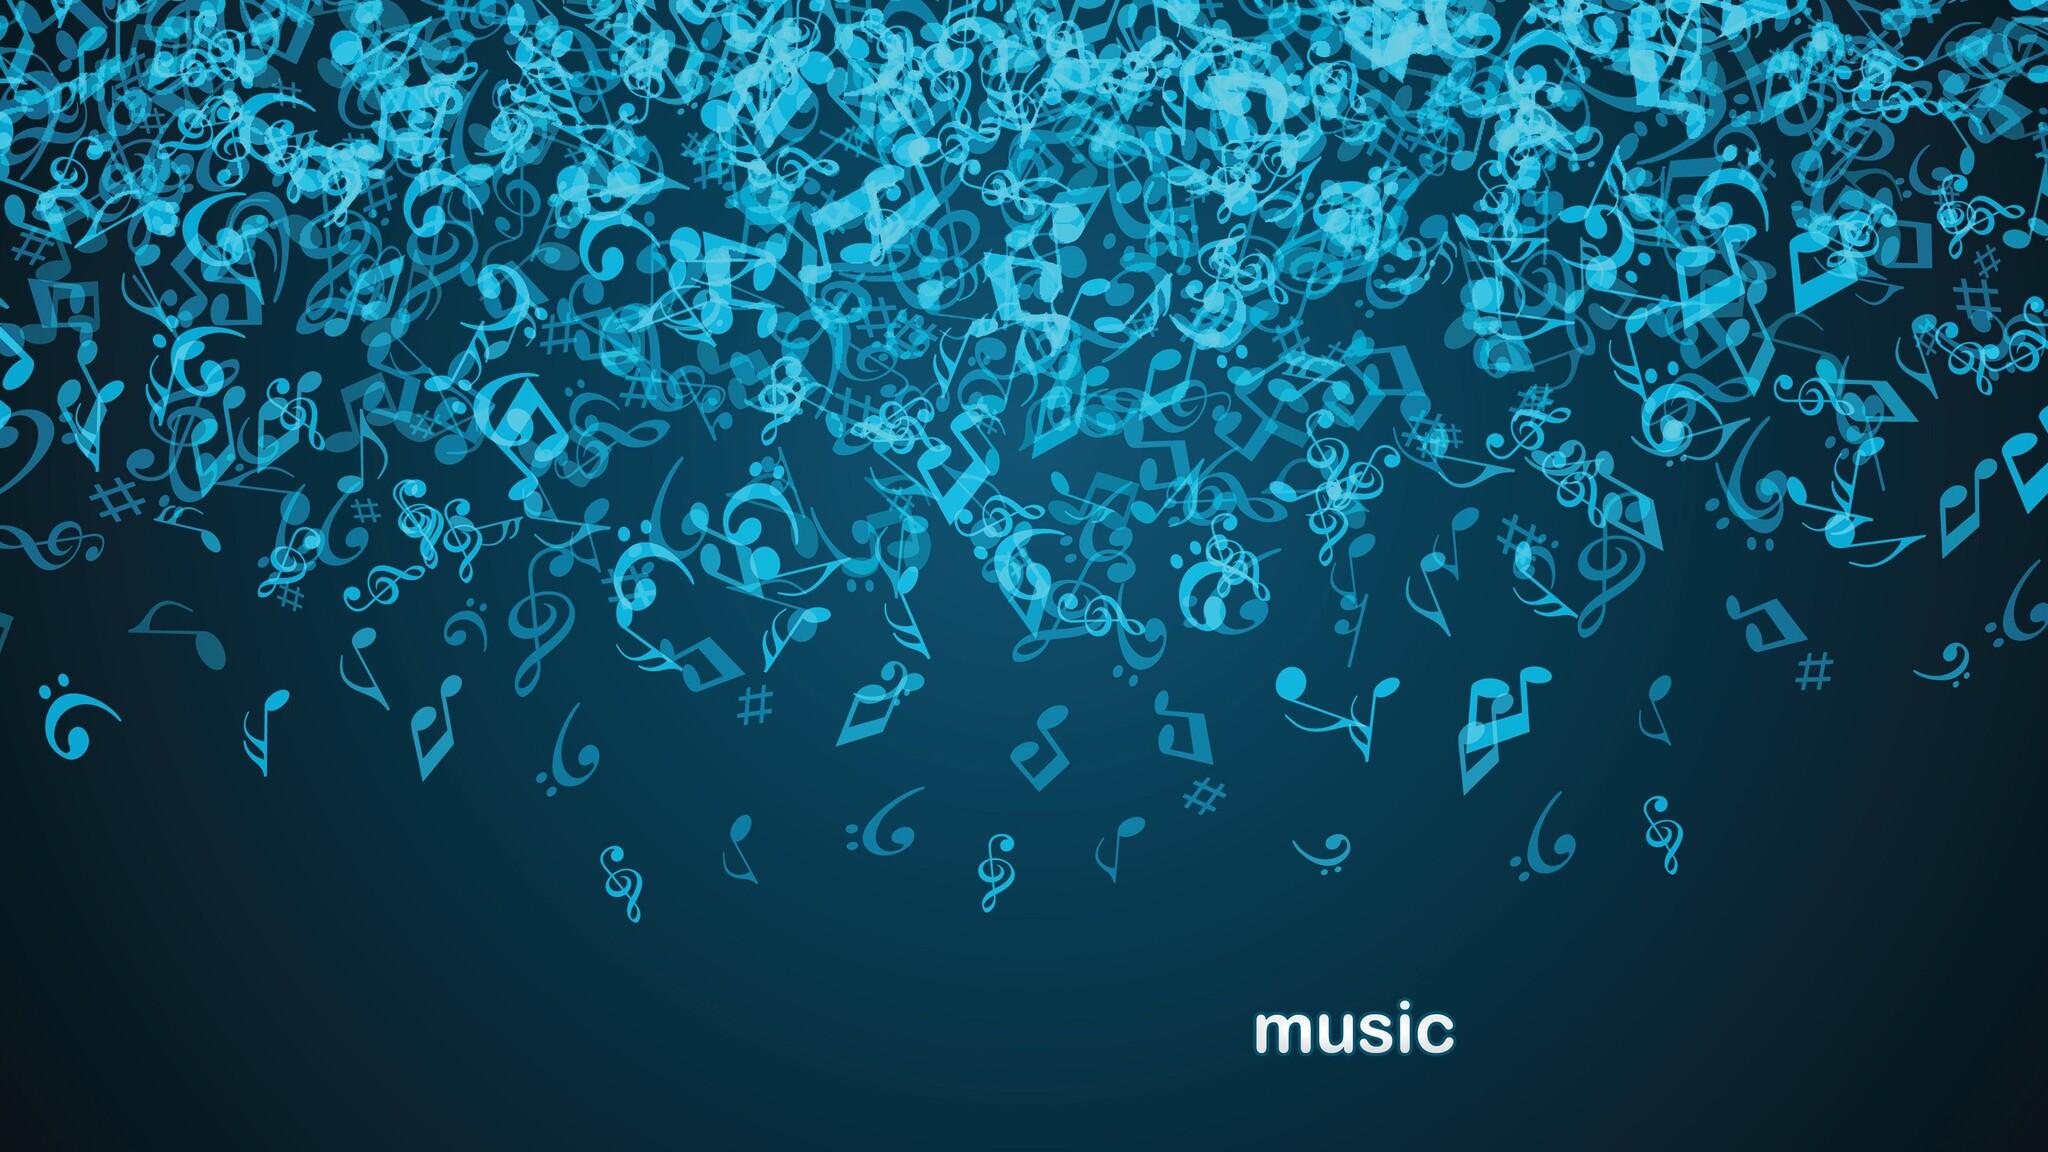 2048x1152 Music Minimalism 2048x1152 Resolution Hd 4k